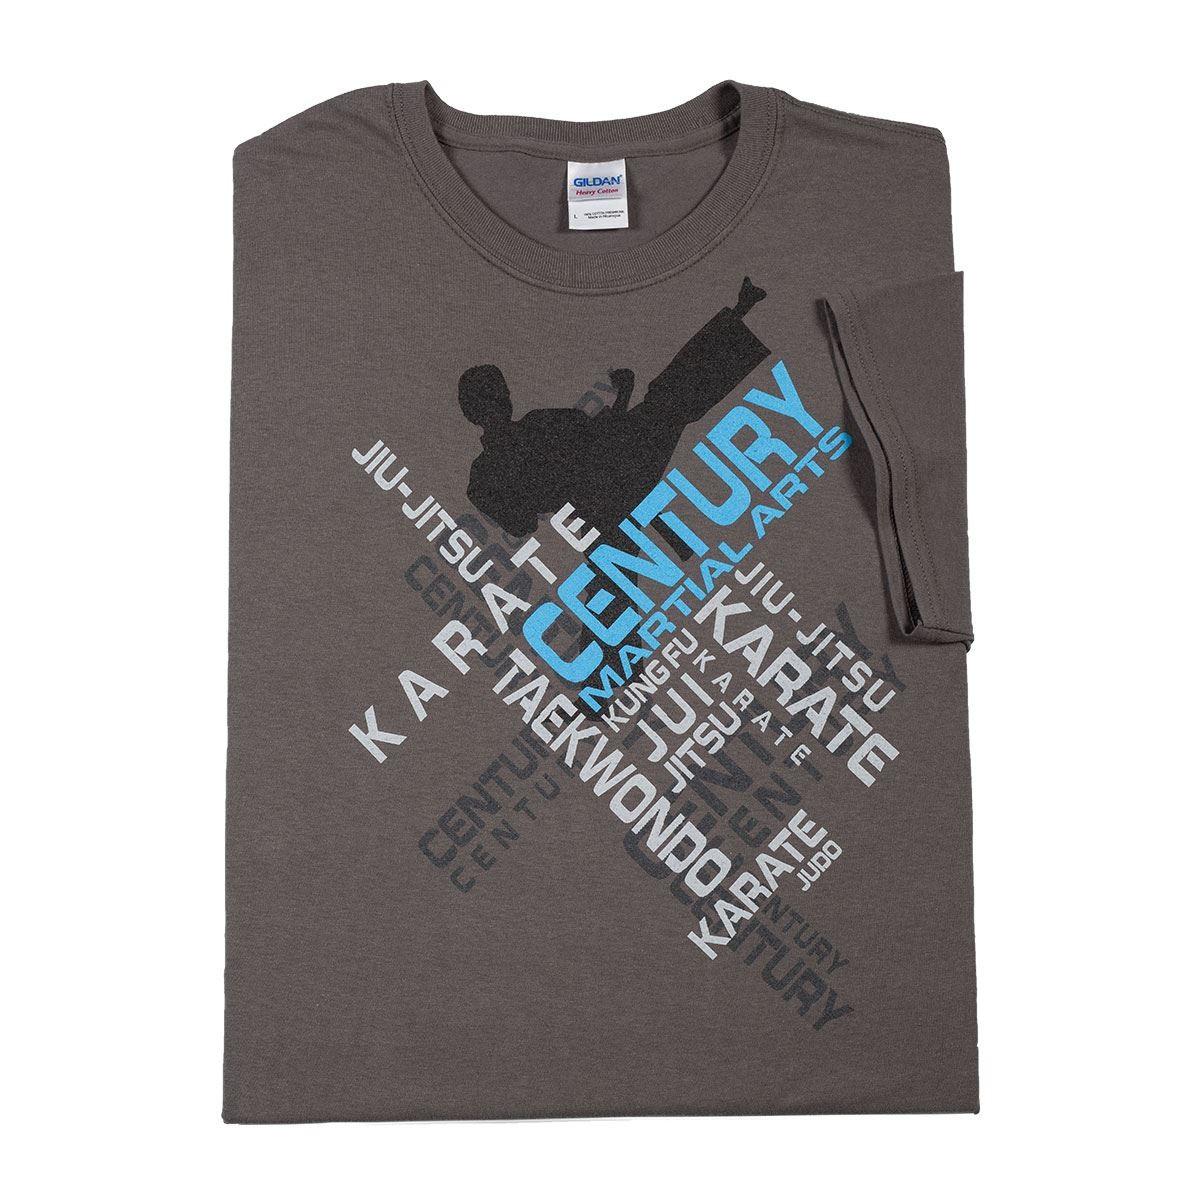 Century Martial Arts Multi-Discipline T-Shirt